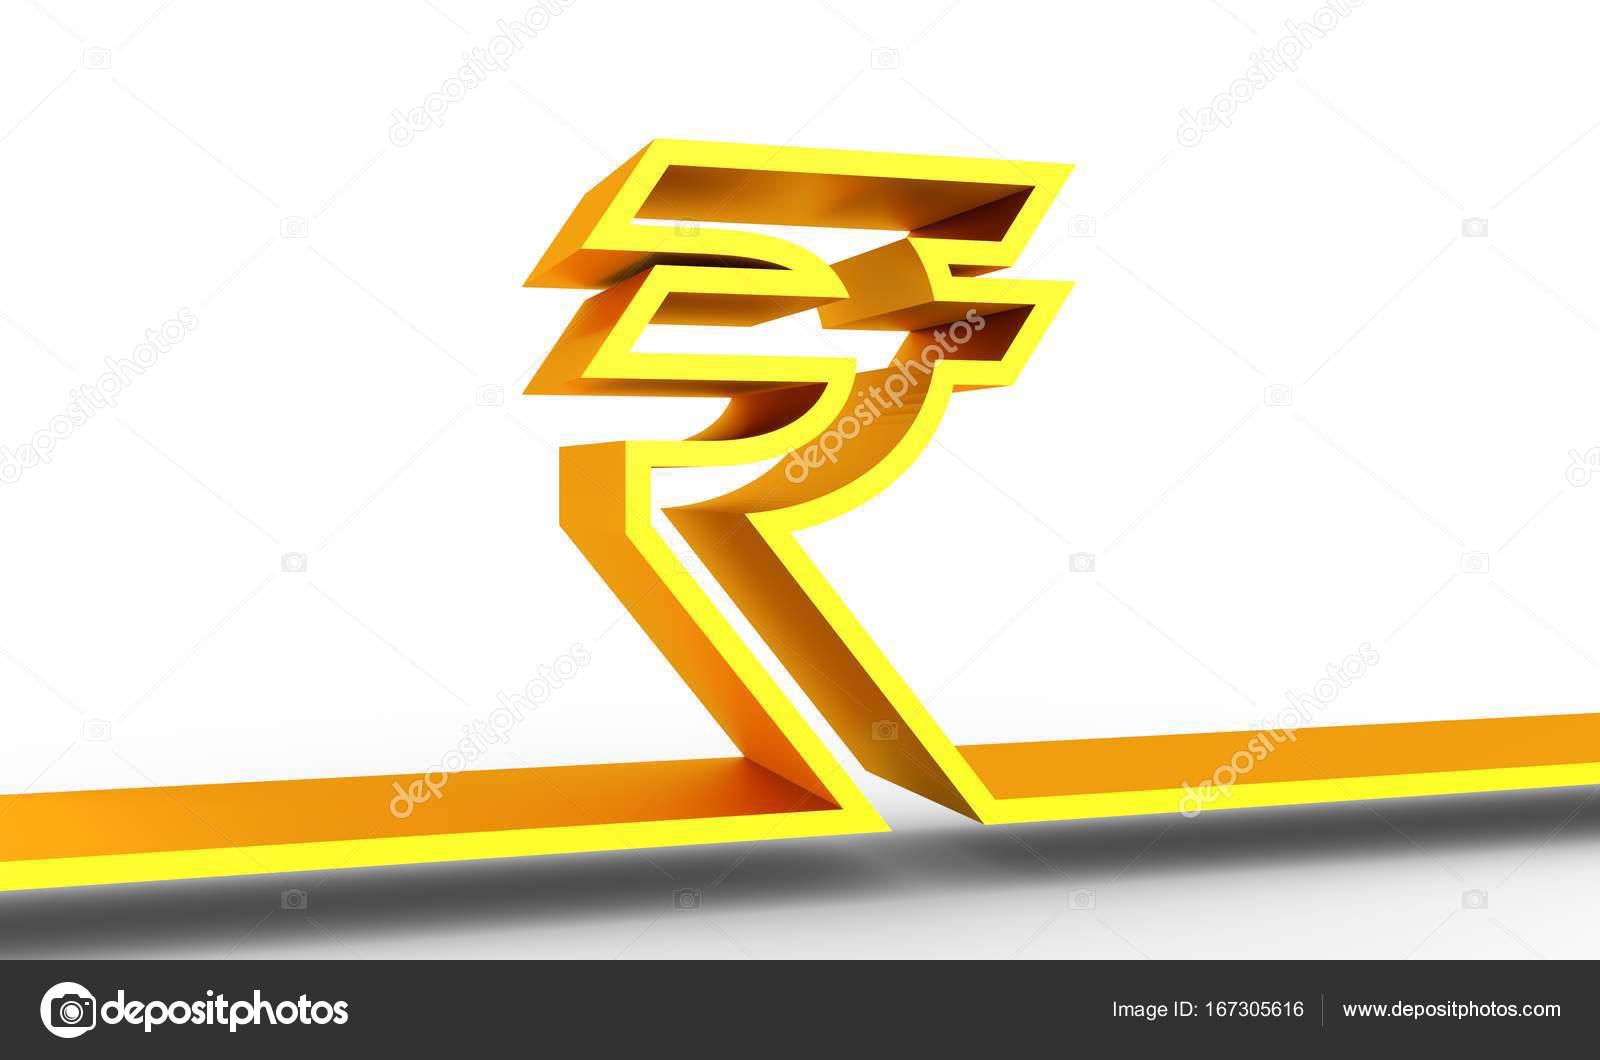 Indian rupee symbol stock photo jegasra 167305616 indian rupee symbol stock photo biocorpaavc Choice Image